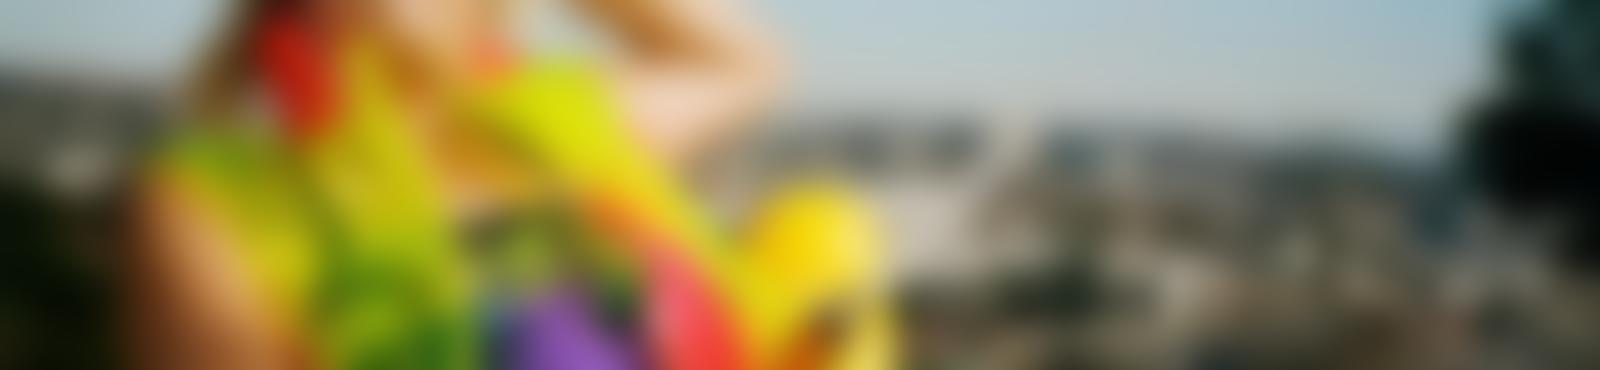 Blurred 10f60deb 108e 4482 a2ed e7e9c5ba59da